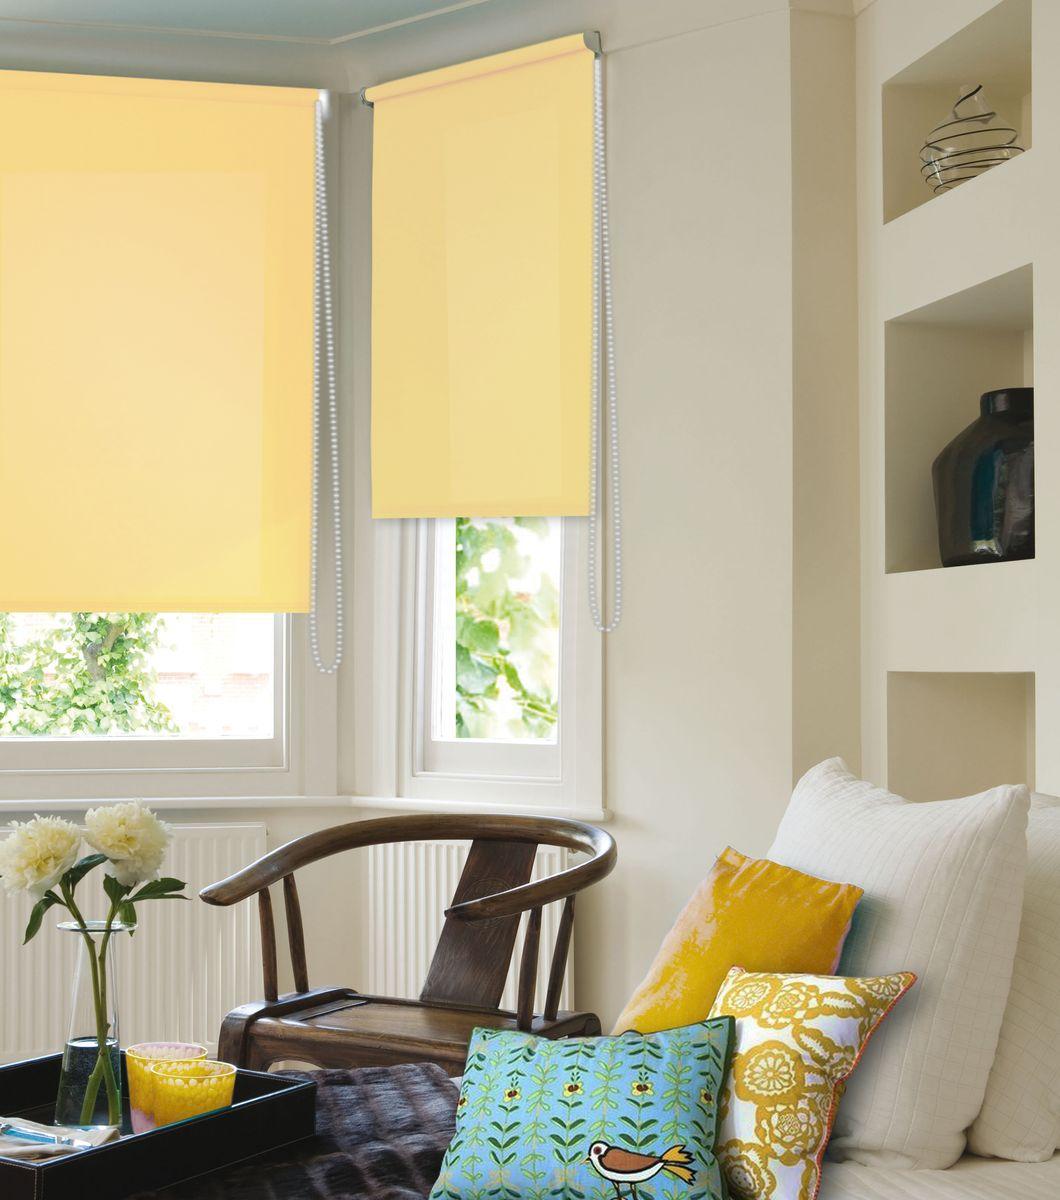 Штора рулонная Эскар Ролло, цвет: желтый, ширина 80 см, высота 170 см81103080170Рулонными шторами можно оформлять окна как самостоятельно, так и использовать в комбинации с портьерами. Это поможет предотвратить выгорание дорогой ткани на солнце и соединит функционал рулонных с красотой навесных. Преимущества применения рулонных штор для пластиковых окон: - имеют прекрасный внешний вид: многообразие и фактурность материала изделия отлично смотрятся в любом интерьере;- многофункциональны: есть возможность подобрать шторы способные эффективно защитить комнату от солнца, при этом она не будет слишком темной. - Есть возможность осуществить быстрый монтаж.ВНИМАНИЕ! Размеры ширины изделия указаны по ширине ткани! Во время эксплуатации не рекомендуется полностью разматывать рулон, чтобы не оторвать ткань от намоточного вала. В случае загрязнения поверхности ткани, чистку шторы проводят одним из способов, в зависимости от типа загрязнения:легкое поверхностное загрязнение можно удалить при помощи канцелярского ластика;чистка от пыли производится сухим методом при помощи пылесоса с мягкой щеткой-насадкой;для удаления пятна используйте мягкую губку с пенообразующим неагрессивным моющим средством или пятновыводитель на натуральной основе (нельзя применять растворители).